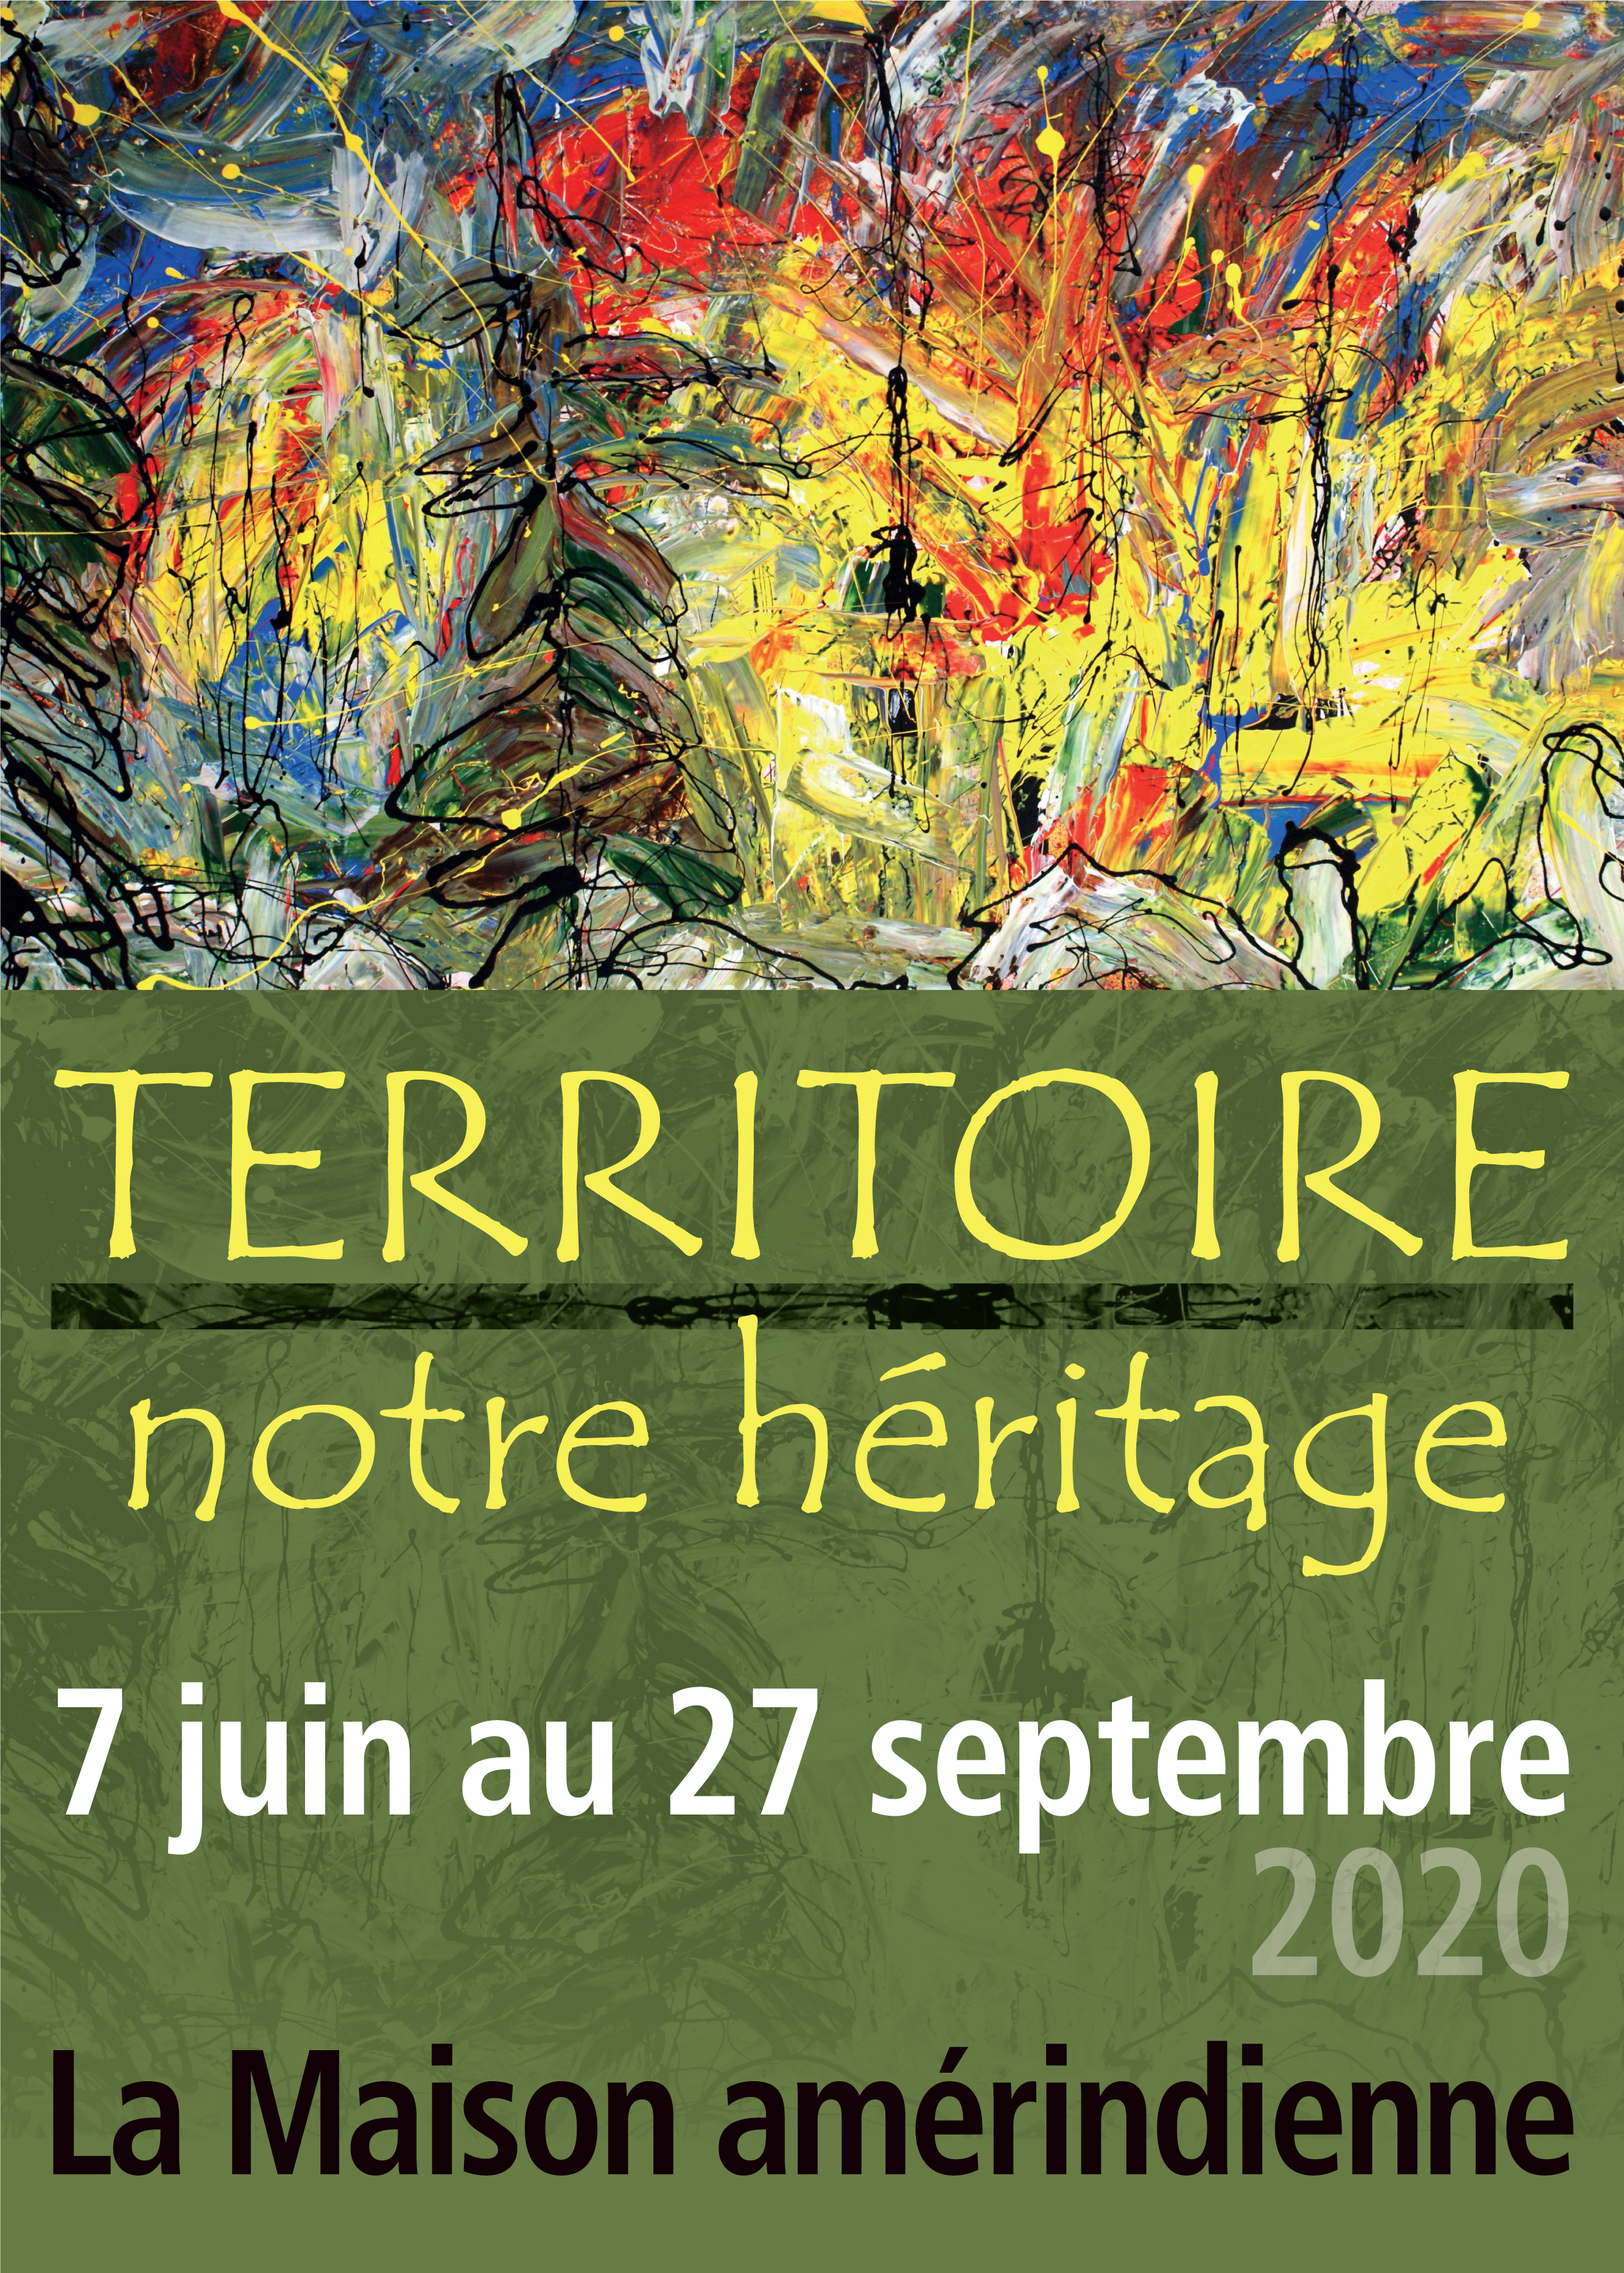 L'exposition Territoire – notre héritage, un hommage à vingt ans d'existence !